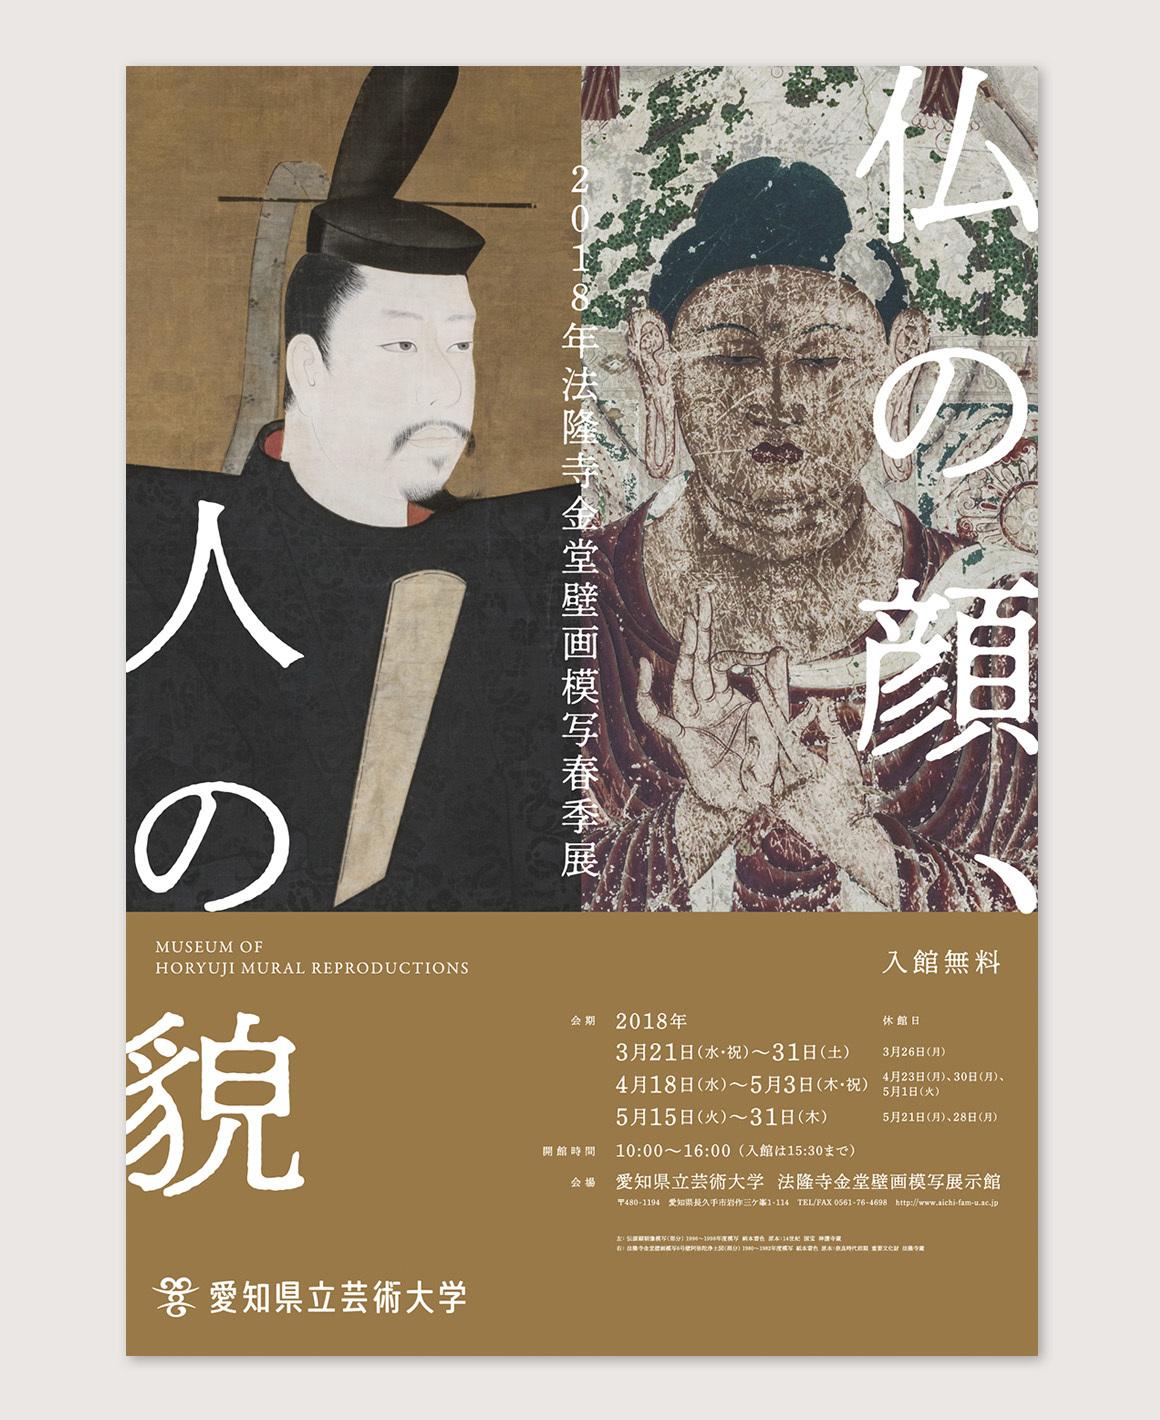 WORKS|2018年法隆寺金堂壁画模写春季展[特別陳列]「仏の顔、人の貌」_e0206124_11315196.jpg